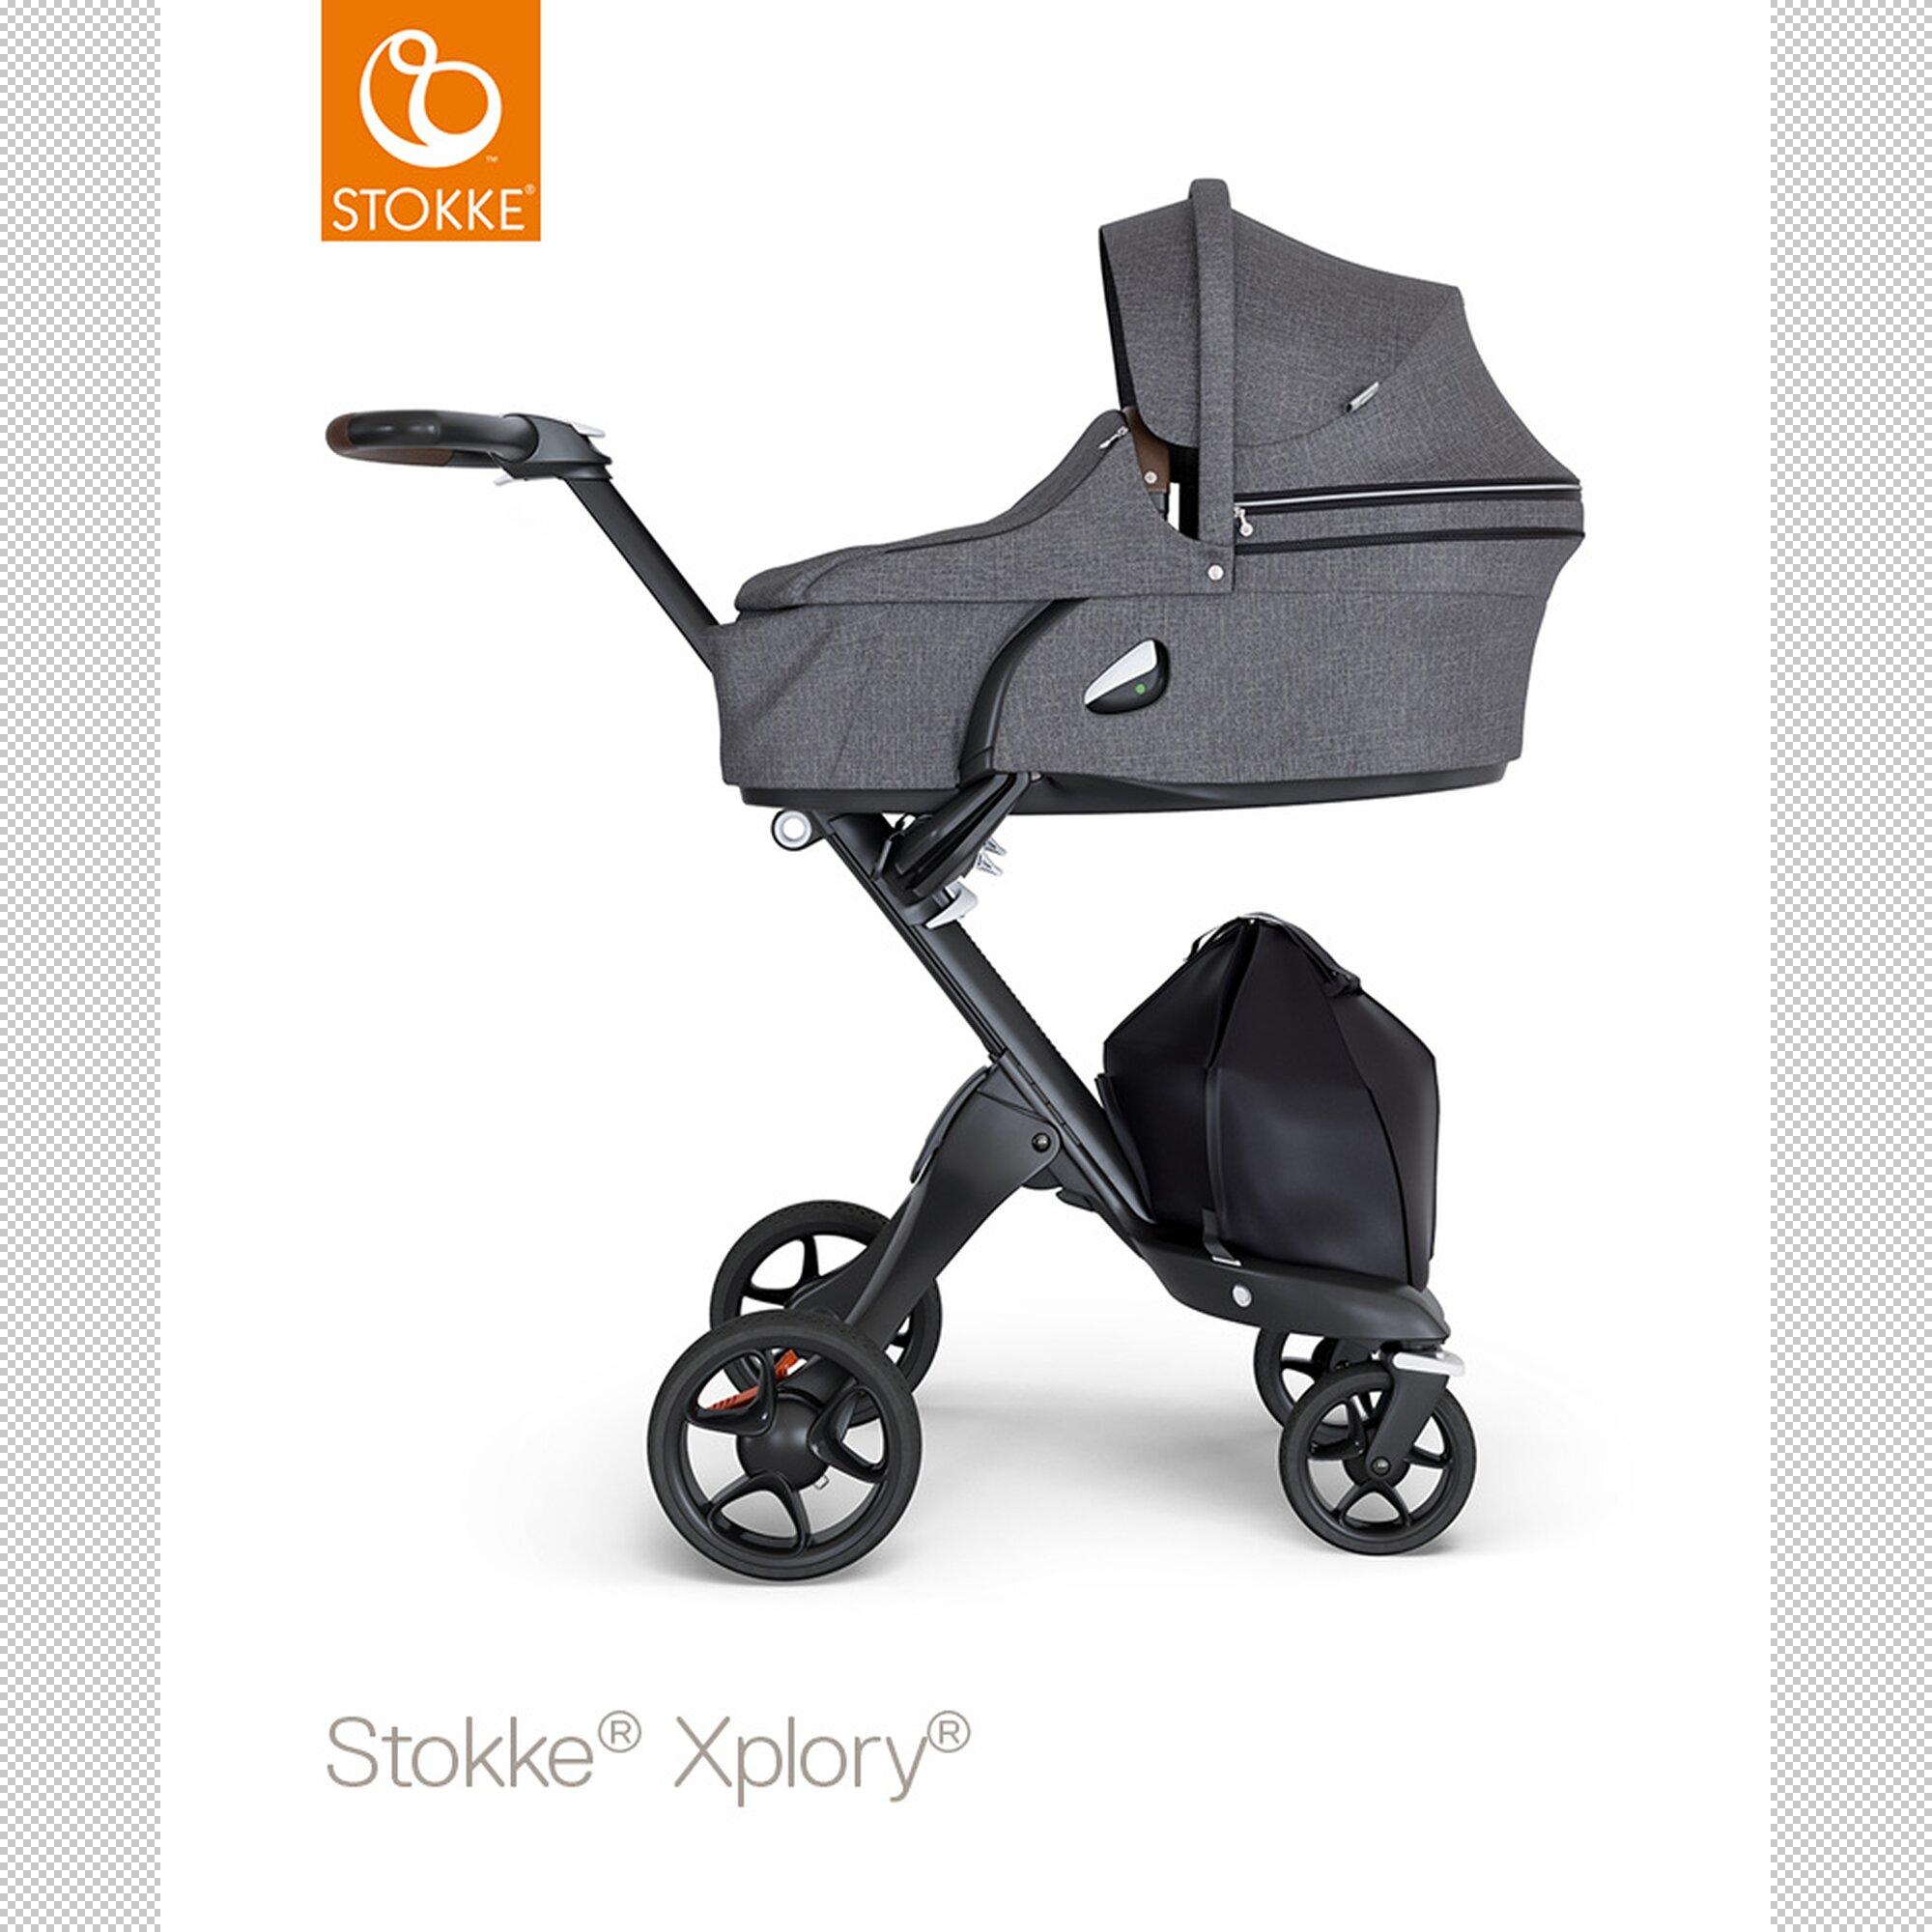 stokke-tragewanne-xplory-v6-schwarz